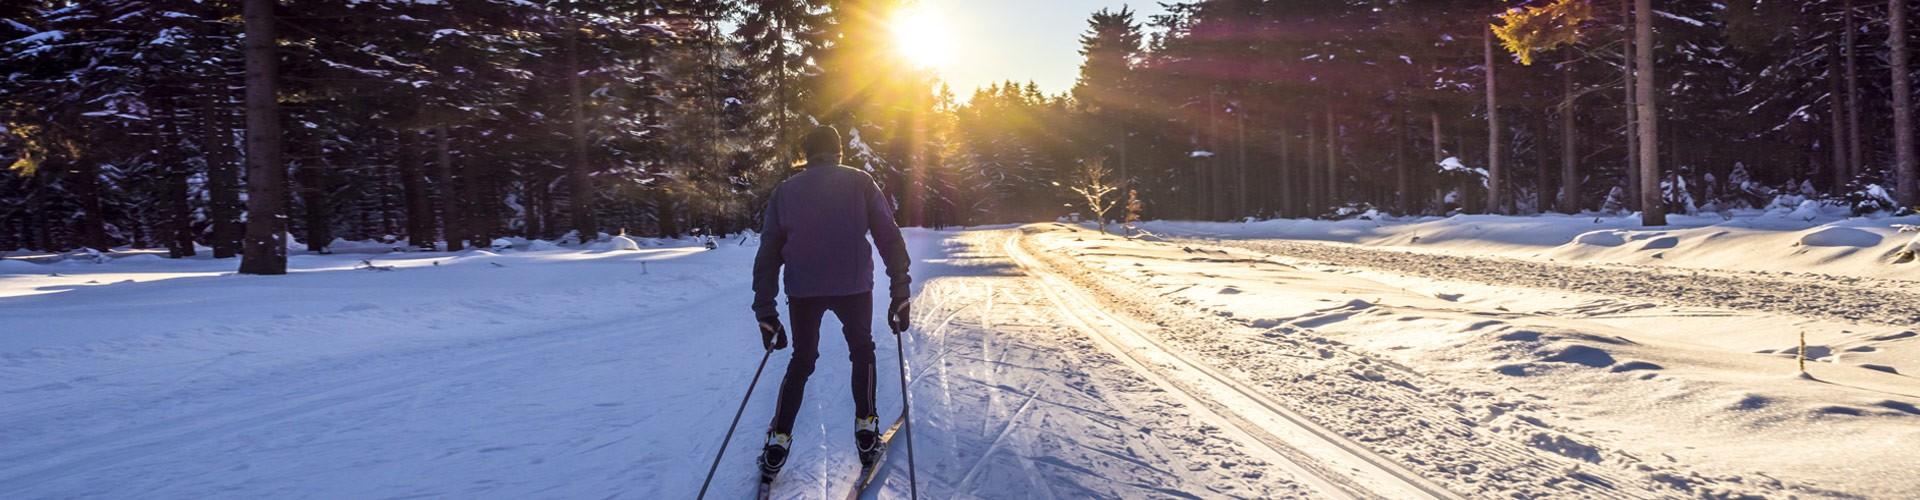 Skaten im Berchtesgadener Land